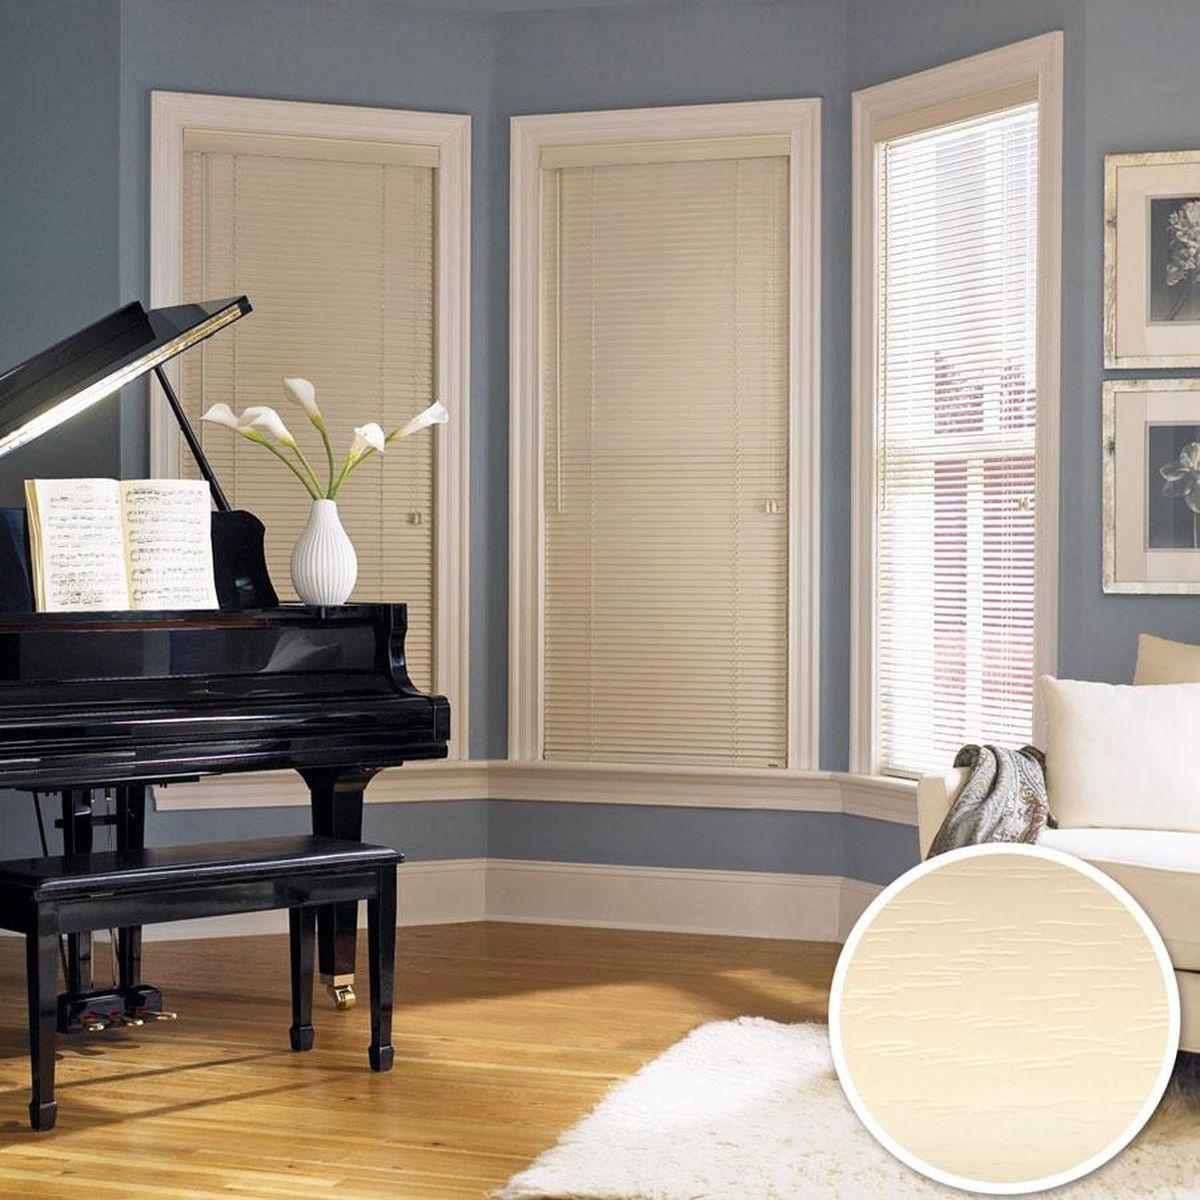 Жалюзи Эскар, цвет: бежевый, ширина 160 см, высота 160 см61009160160Для того чтобы придать интерьеру изюминку и завершенность, нет ничего лучше, чем использовать жалюзи на окнах квартиры, дома или офиса. С их помощью можно подчеркнуть индивидуальный вкус, а также стилевое оформление помещения. Помимо декоративных функций, жалюзи выполняют и практические задачи: они защищают от излишнего солнечного света, не дают помещению нагреваться, а также создают уют в темное время суток. Пластиковые жалюзи - самое универсальное и недорогое решение для любого помещения. Купить их может каждый, а широкий выбор размеров под самые популярные габариты сделает покупку простой и удобной. Пластиковые жалюзи имеют высокие эксплуатационные характеристики - они гигиеничны, что делает их незаменимыми при монтаже в детских и медицинских учреждениях.